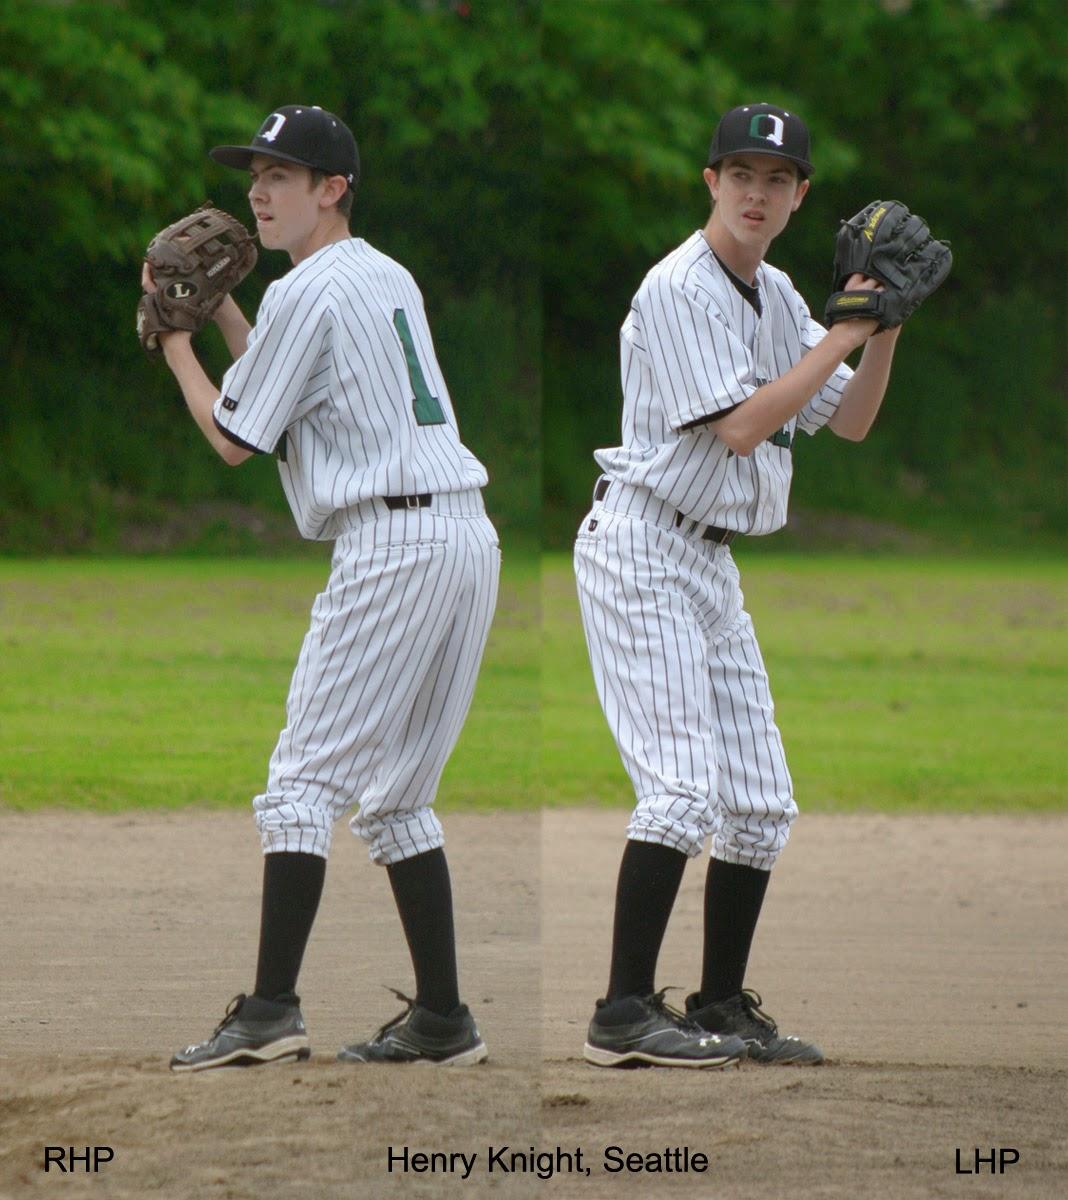 Henry Knight, ambidextrous pitcher, Seattle